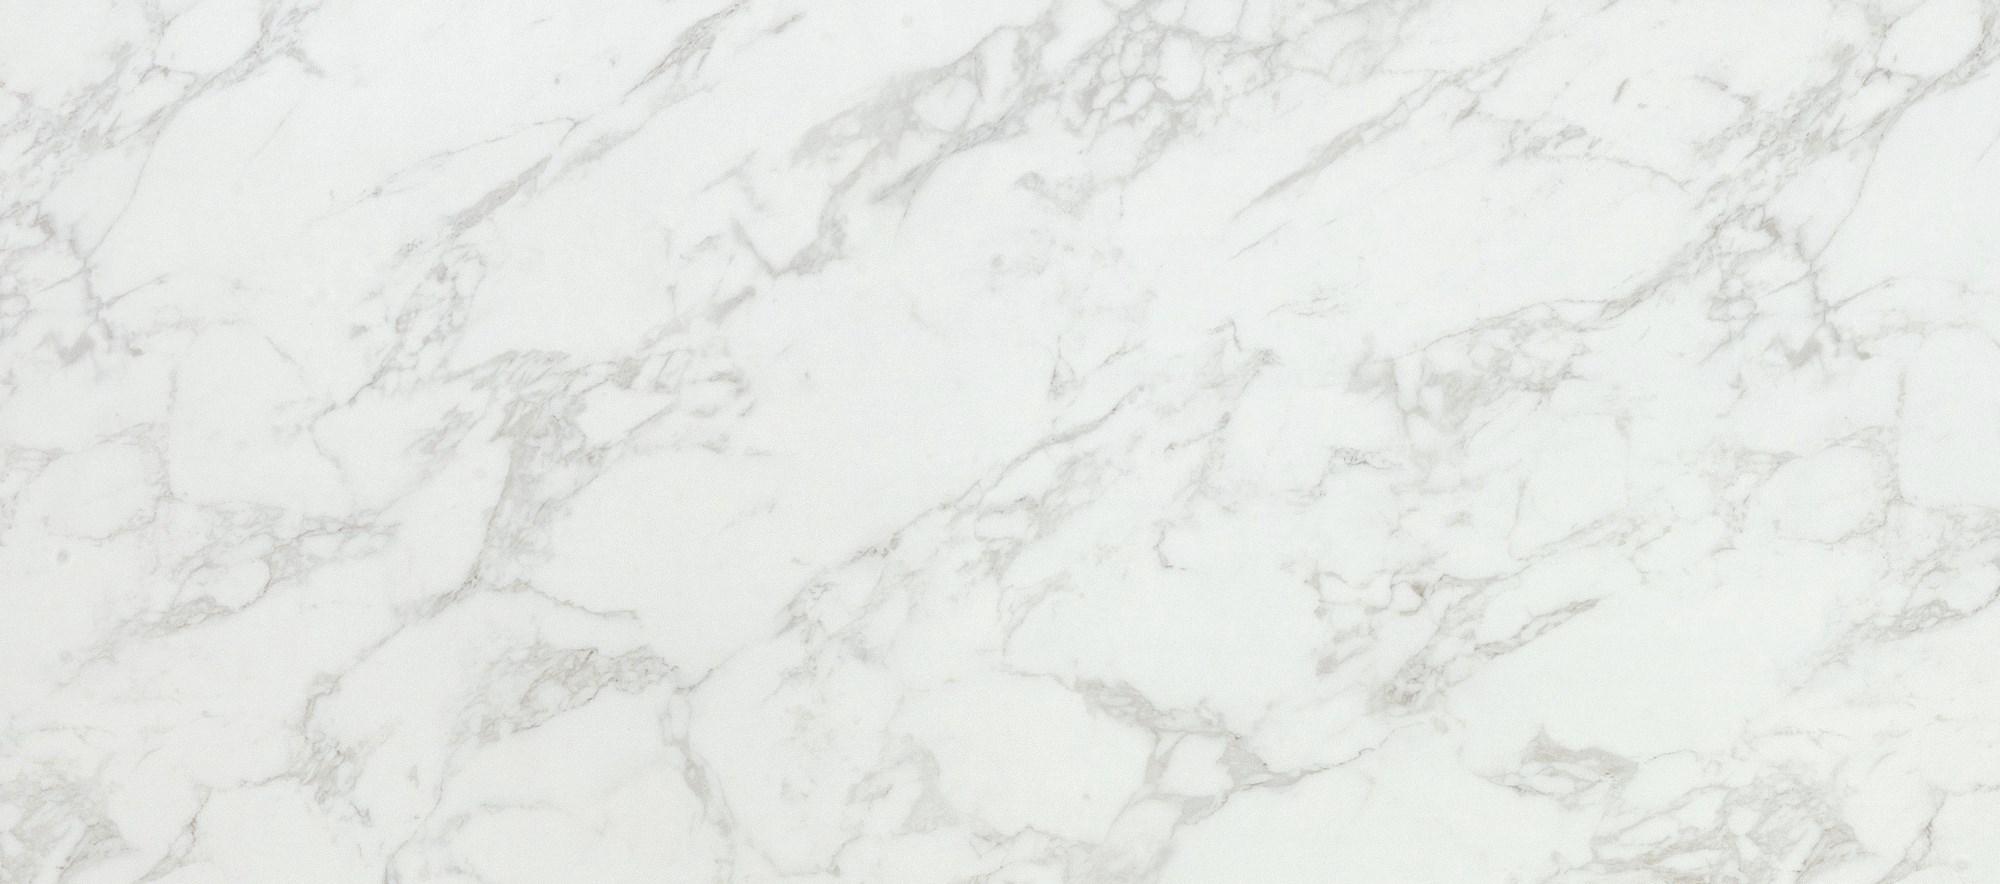 Carrara - Blaty, parapety